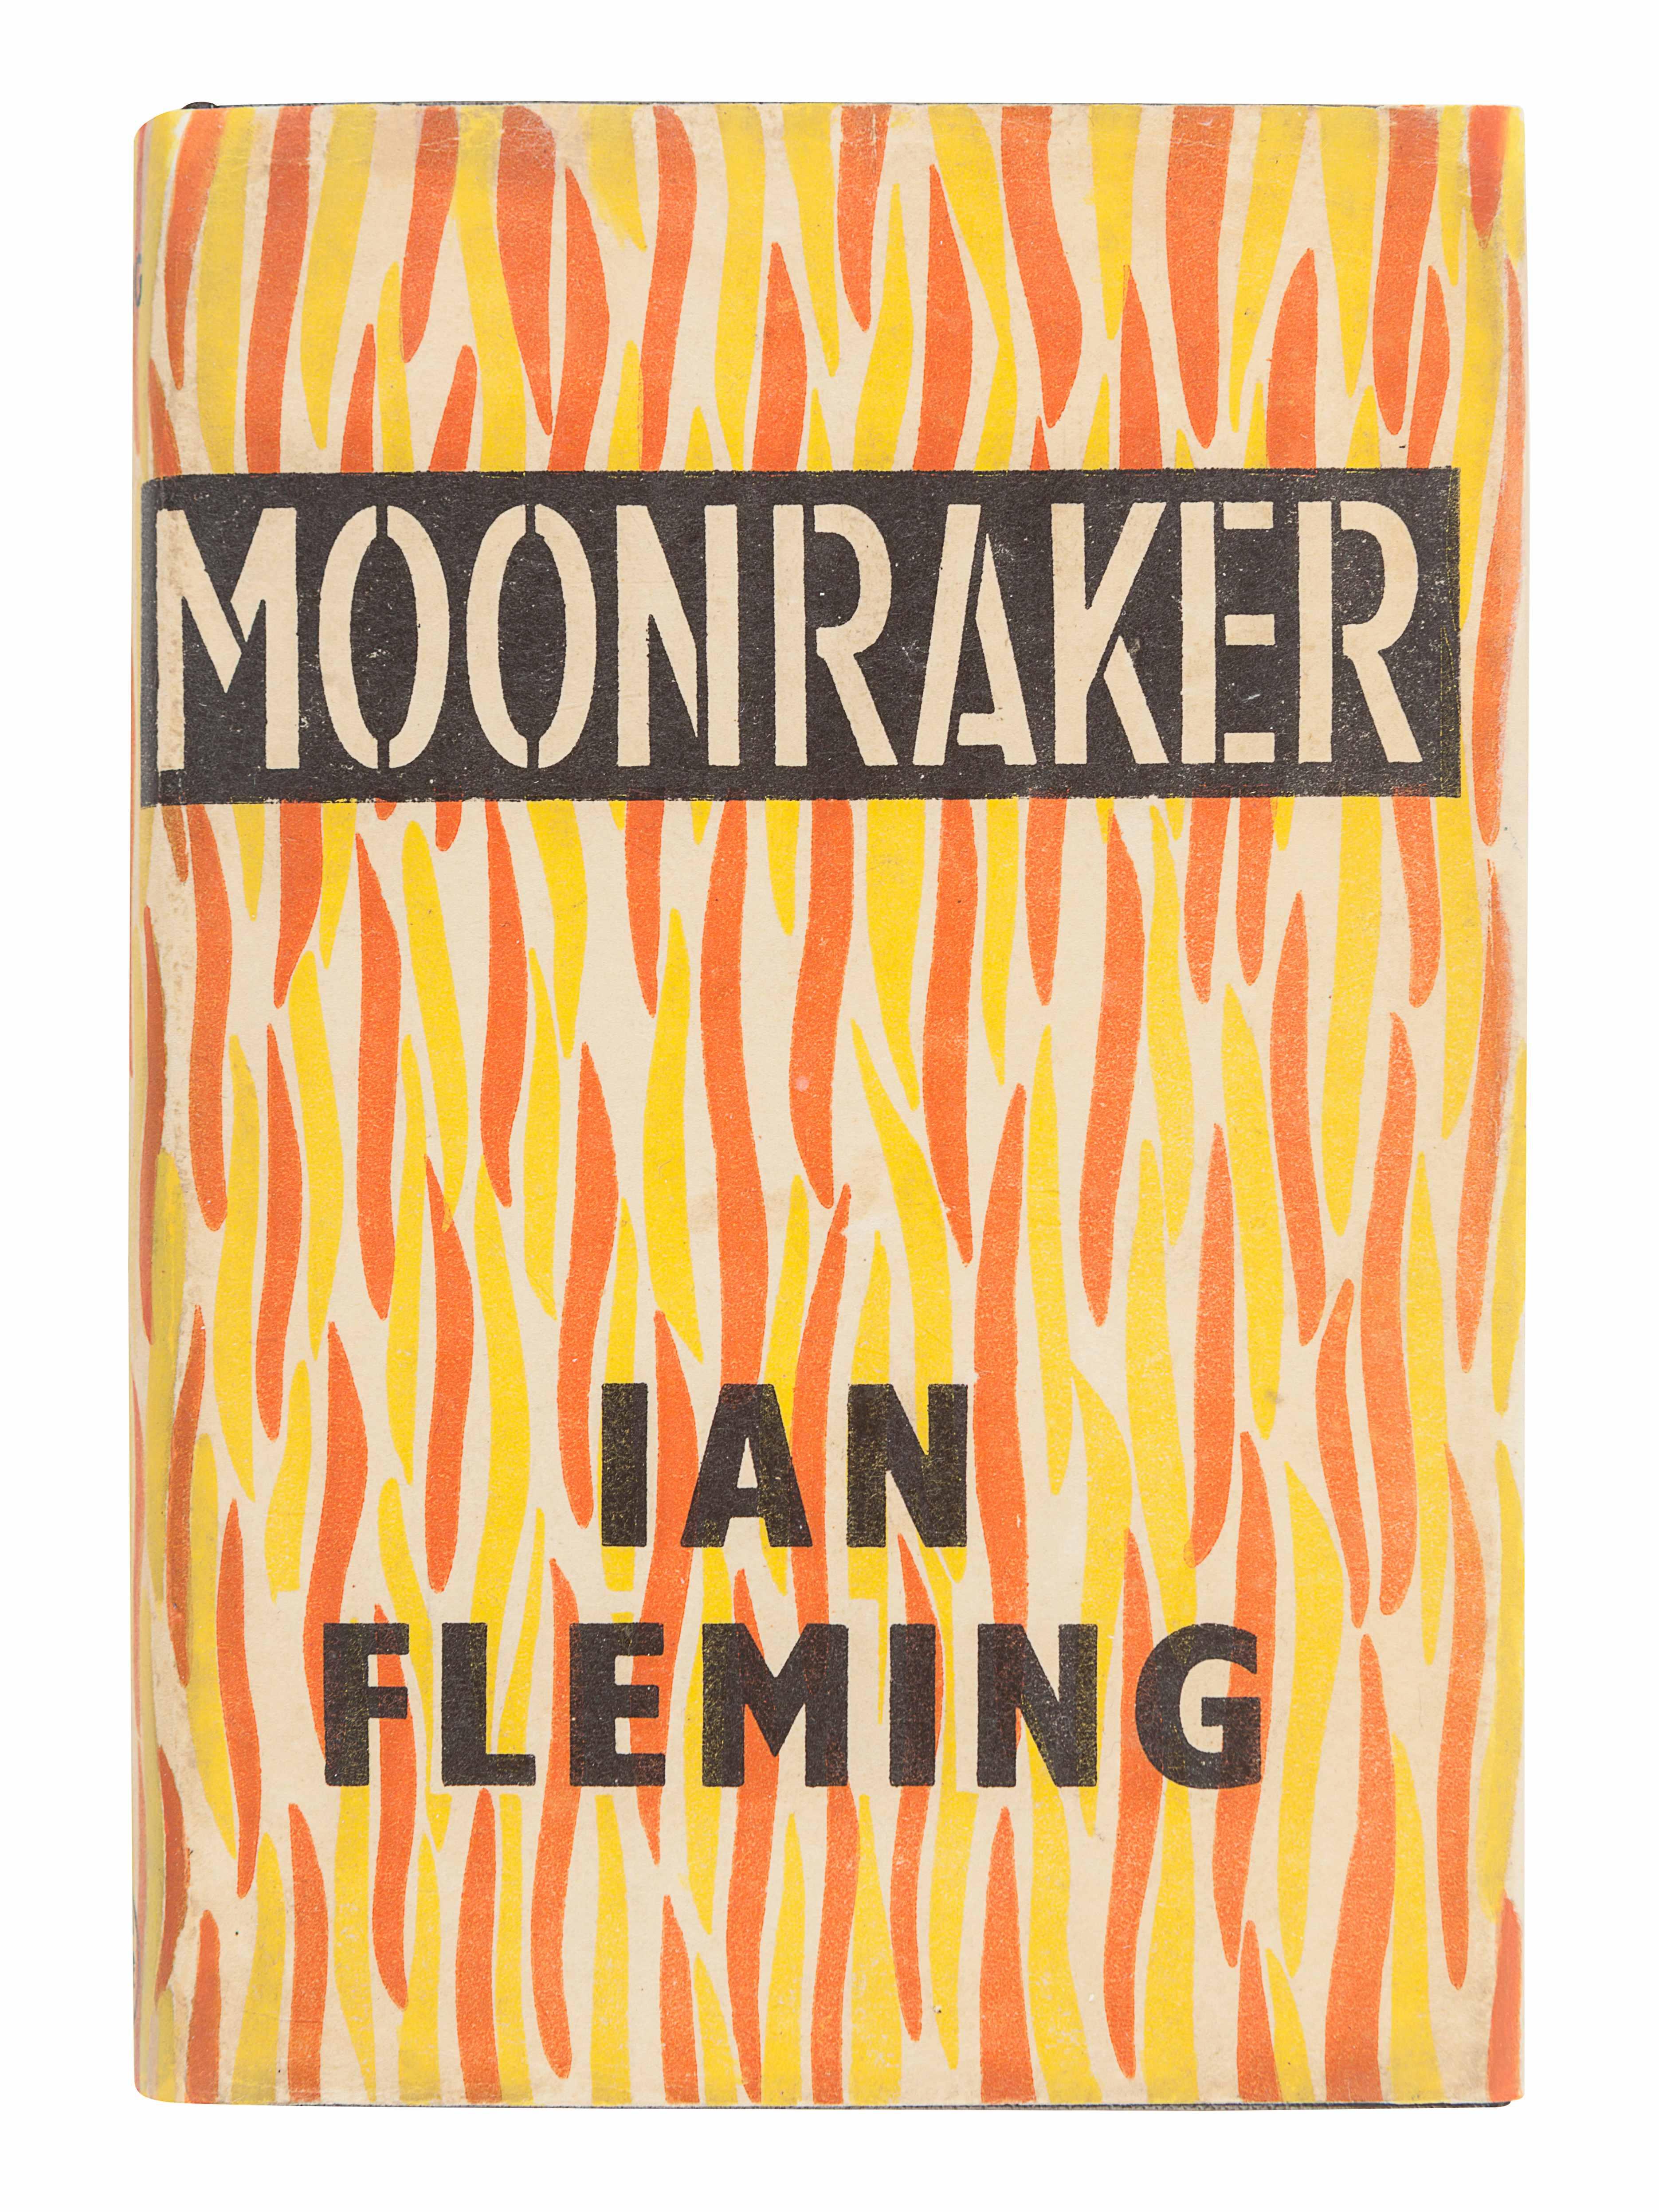 FLEMING, Ian (1908-1964). Moonraker. London: Jonathan Cape, 1955. - Image 3 of 3